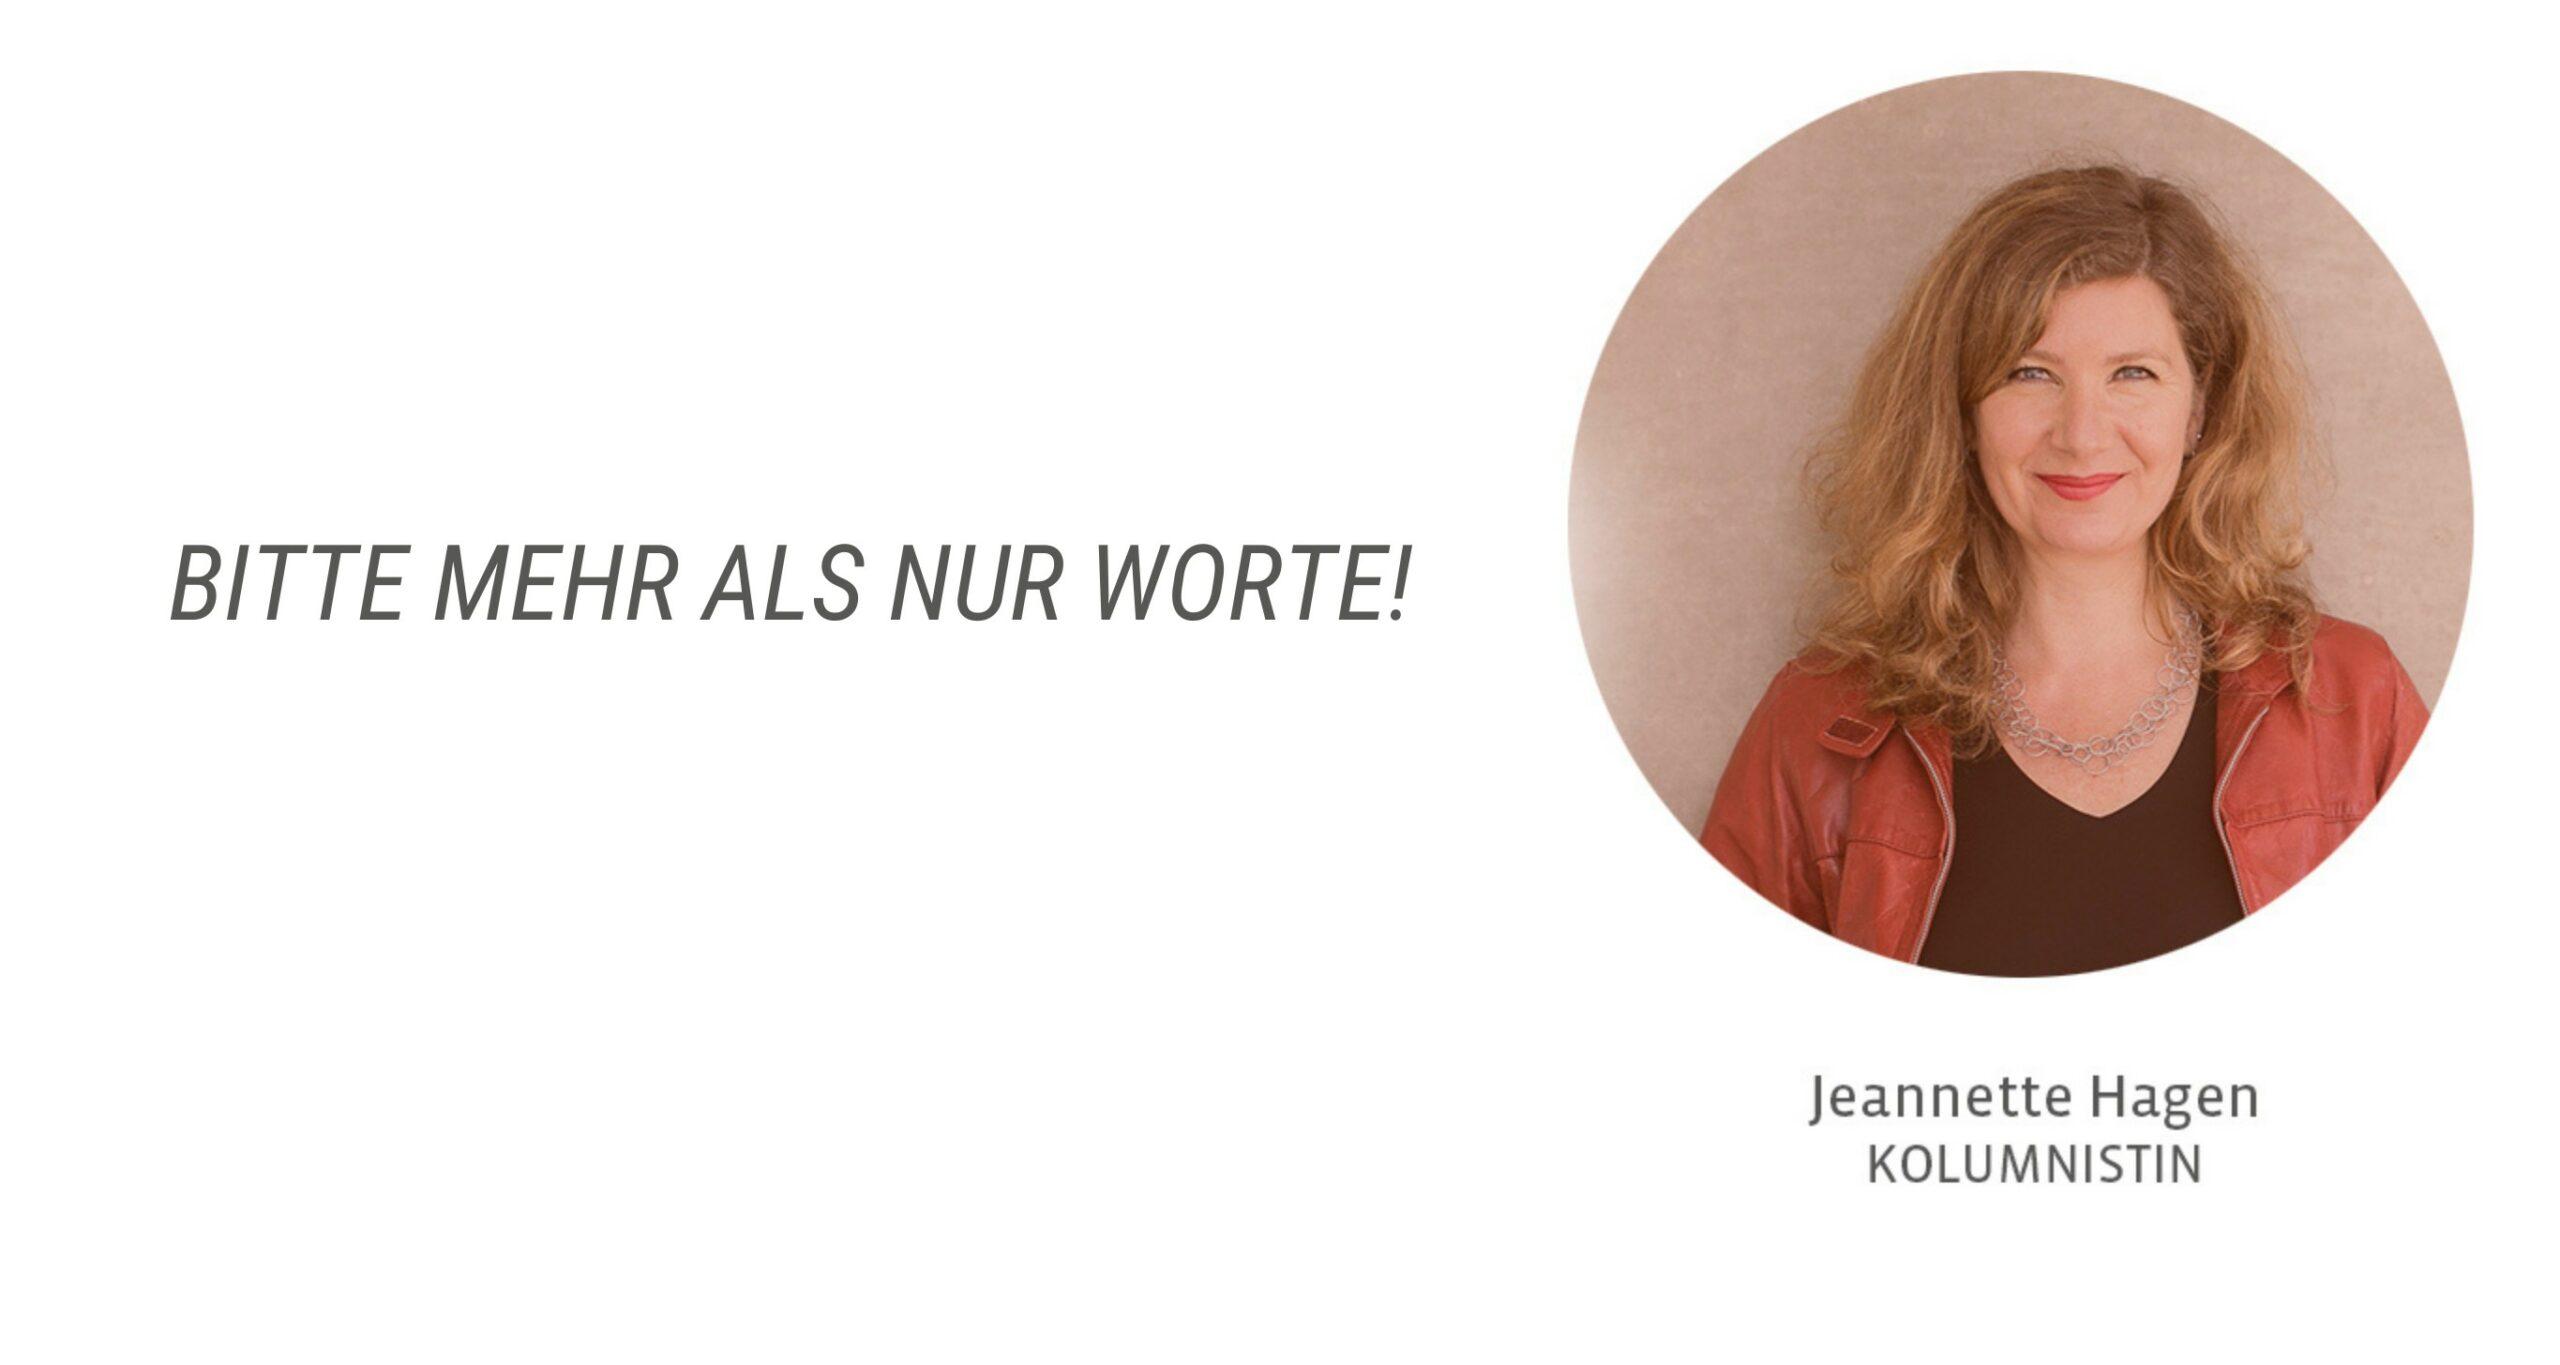 Jeannette Hagen - Bitte mehr als nur Worte!